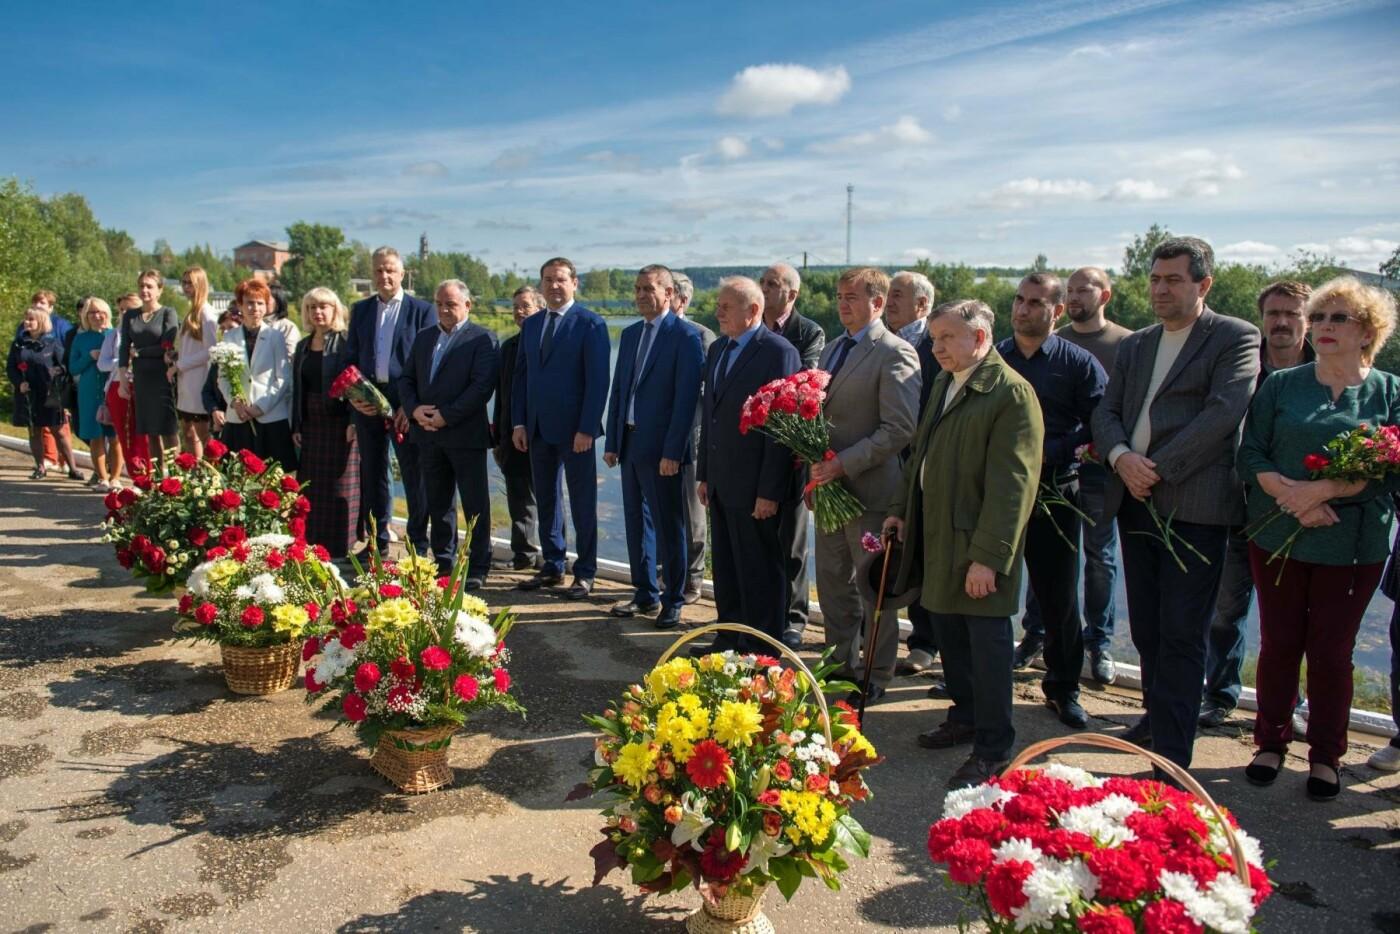 В Ухте вспоминали основателей города, фото-9, Фото предоставлено пресс-службой АМОГО «Ухта»